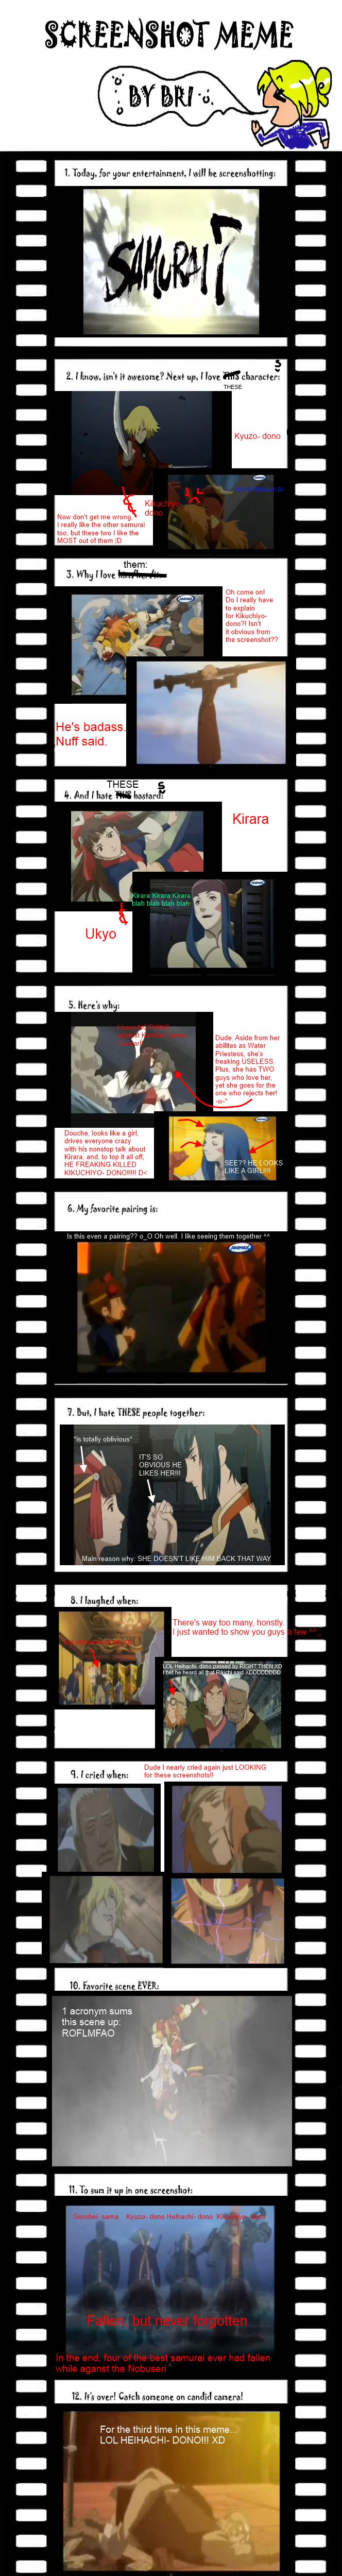 Samurai 7 Screenshot Meme 8D by BlackHeartGoddess